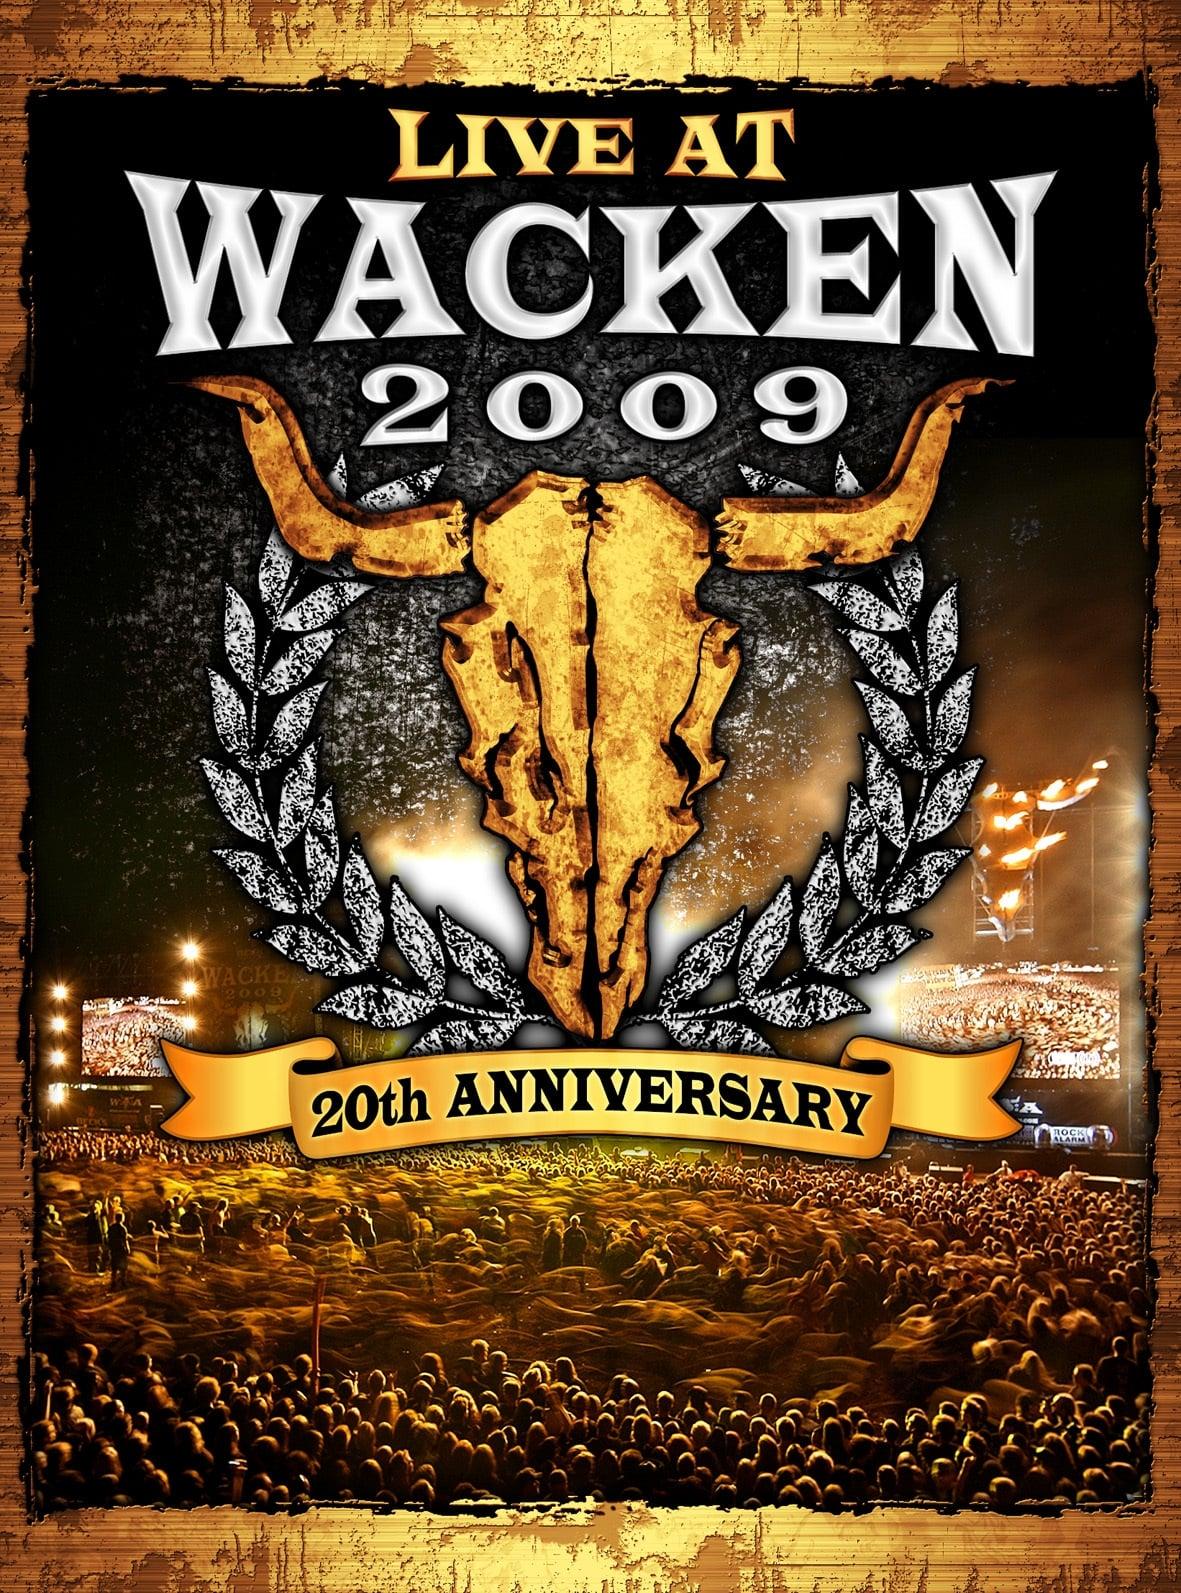 Wacken 2009 - Live at Wacken Open Air